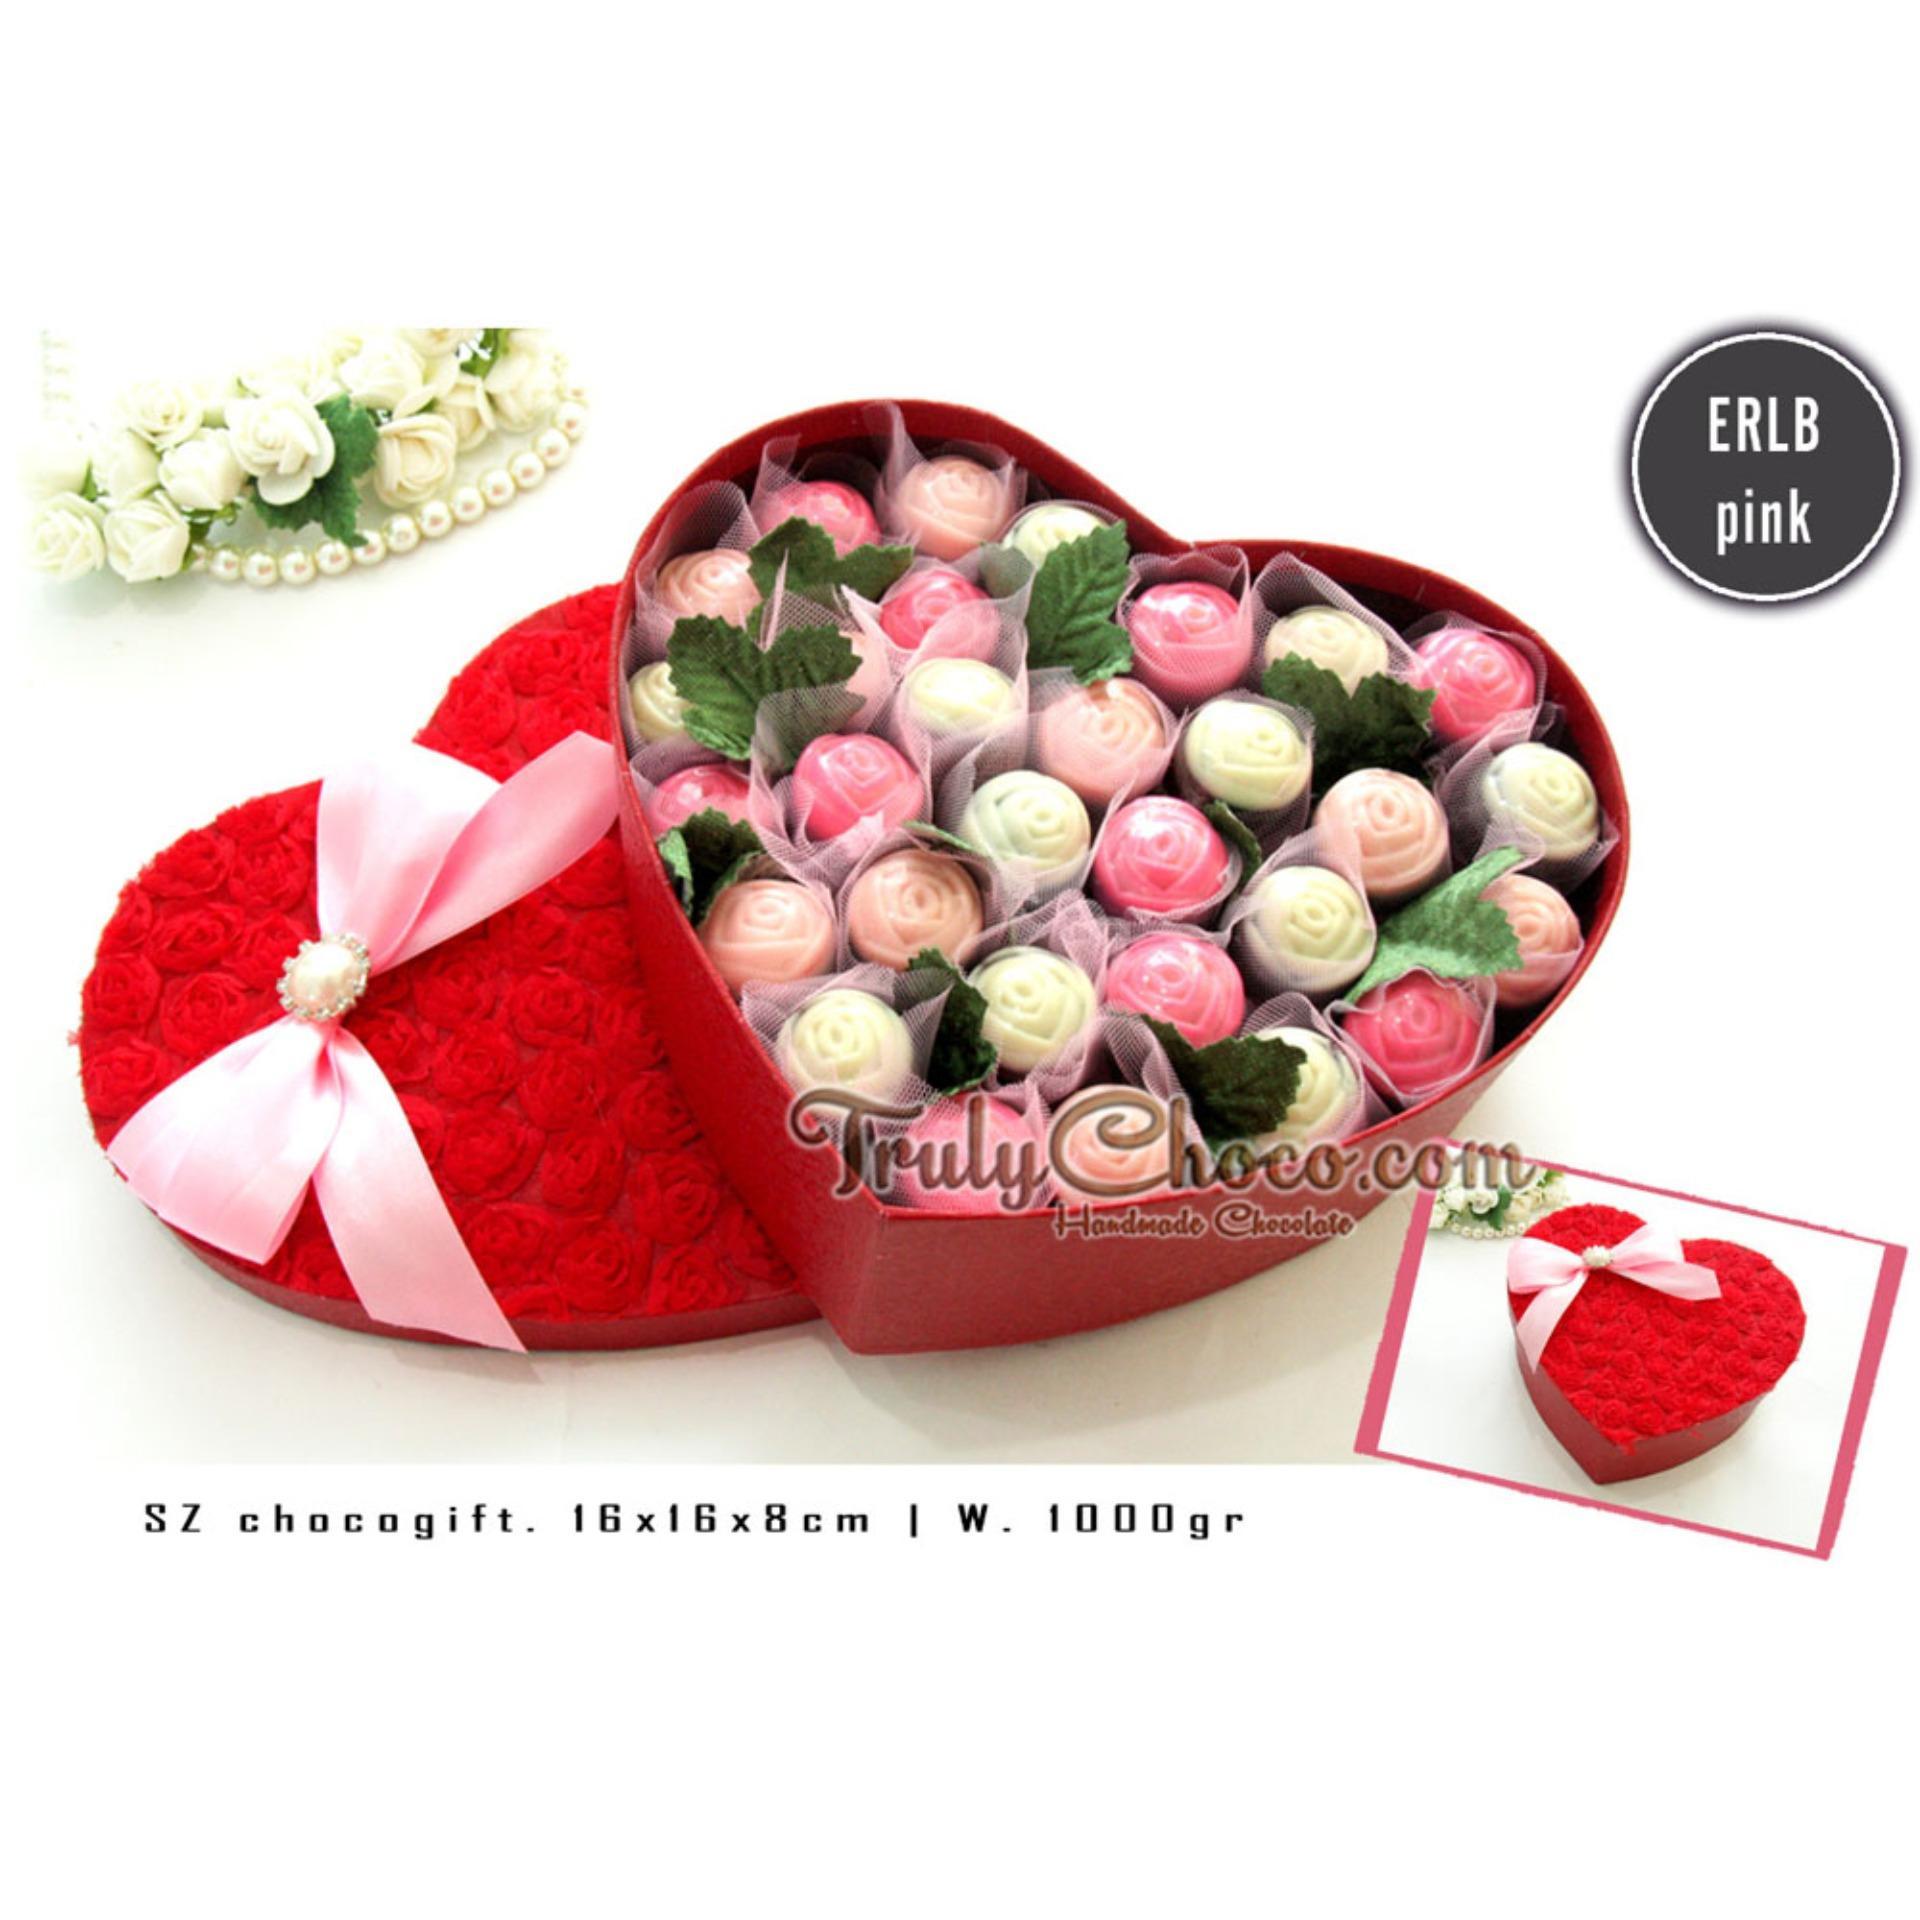 Beli sekarang Trulychoco buket coklat exclusive -PINK - Packing Red bentuk hati terbaik murah - Hanya Rp182.200